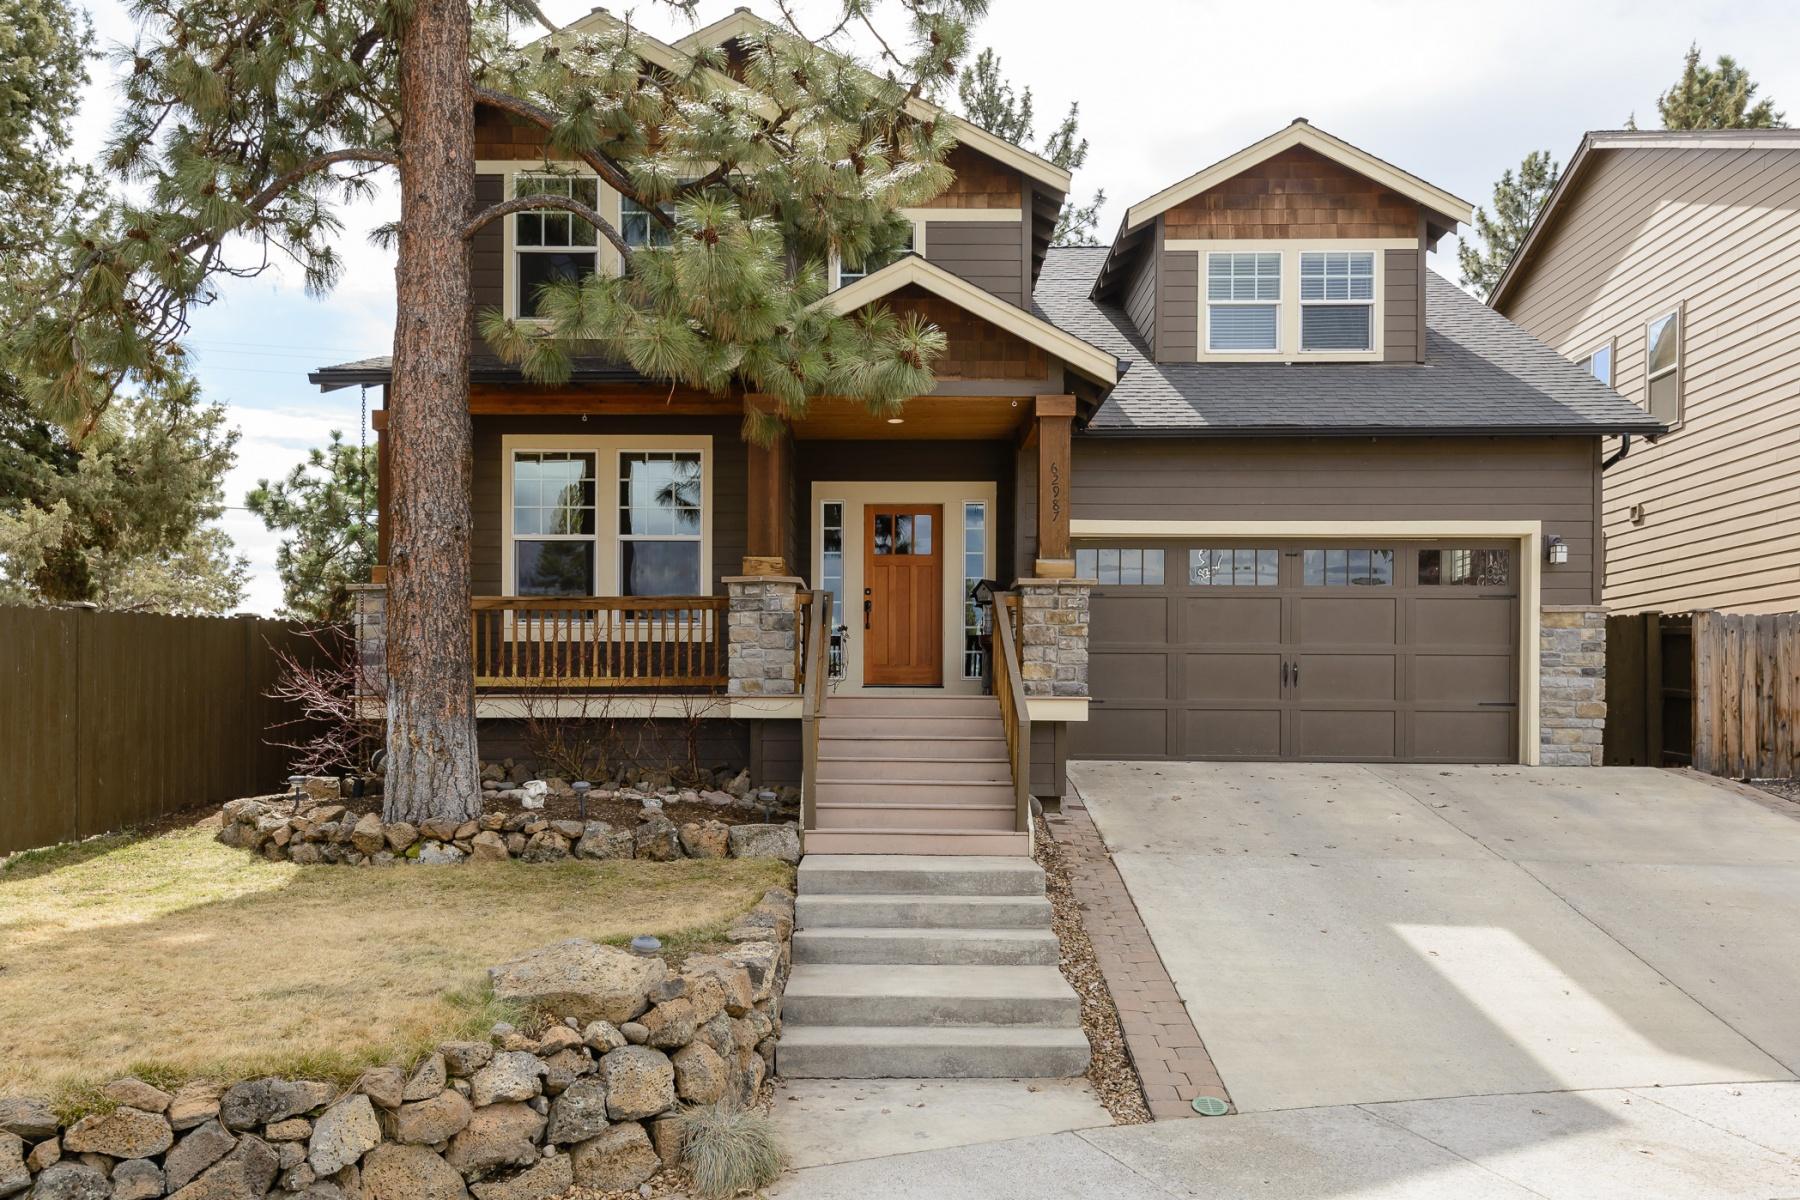 Einfamilienhaus für Verkauf beim 62987 Fresca Street, BEND Bend, Oregon, 97703 Vereinigte Staaten